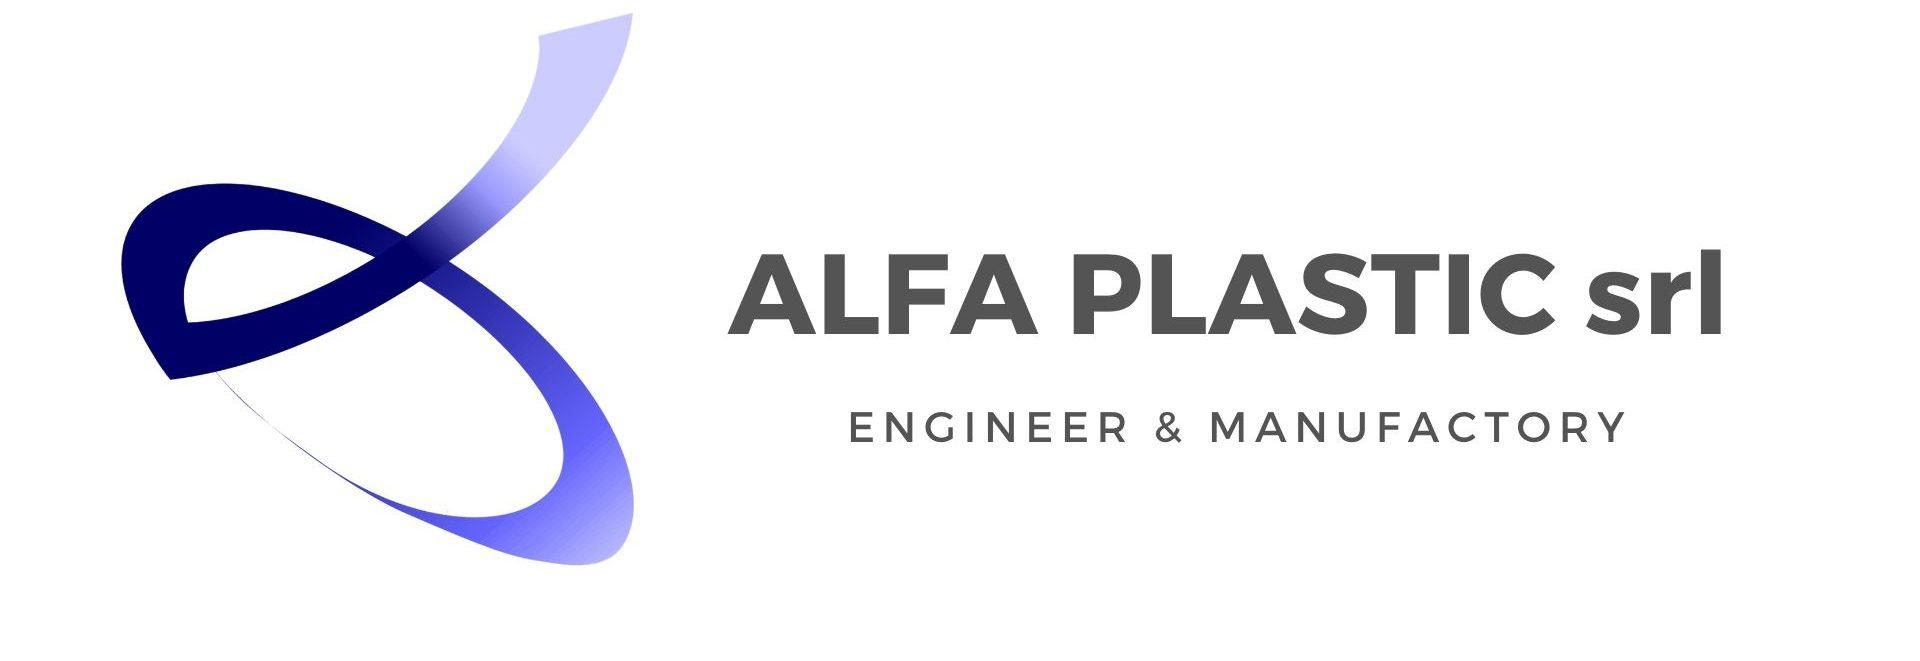 Alfa Plastic